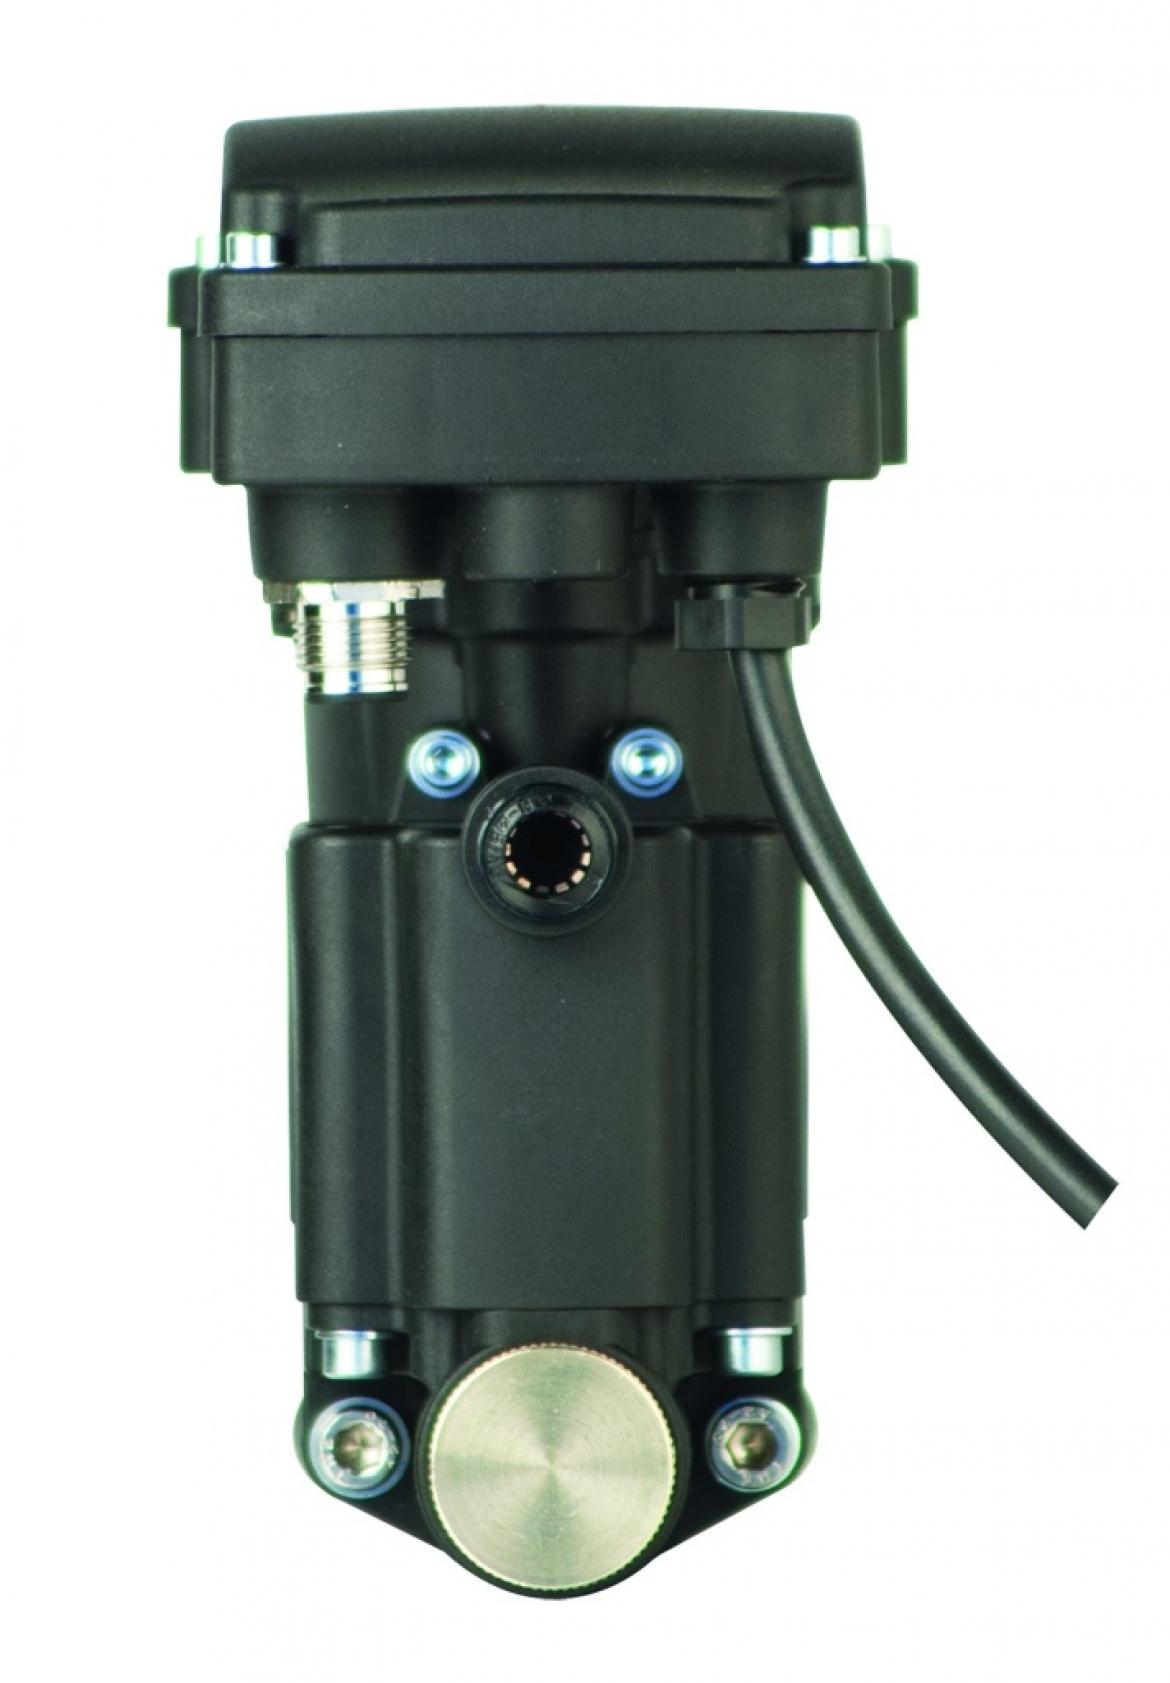 Emd Series Omega Air Air And Gas Treatment